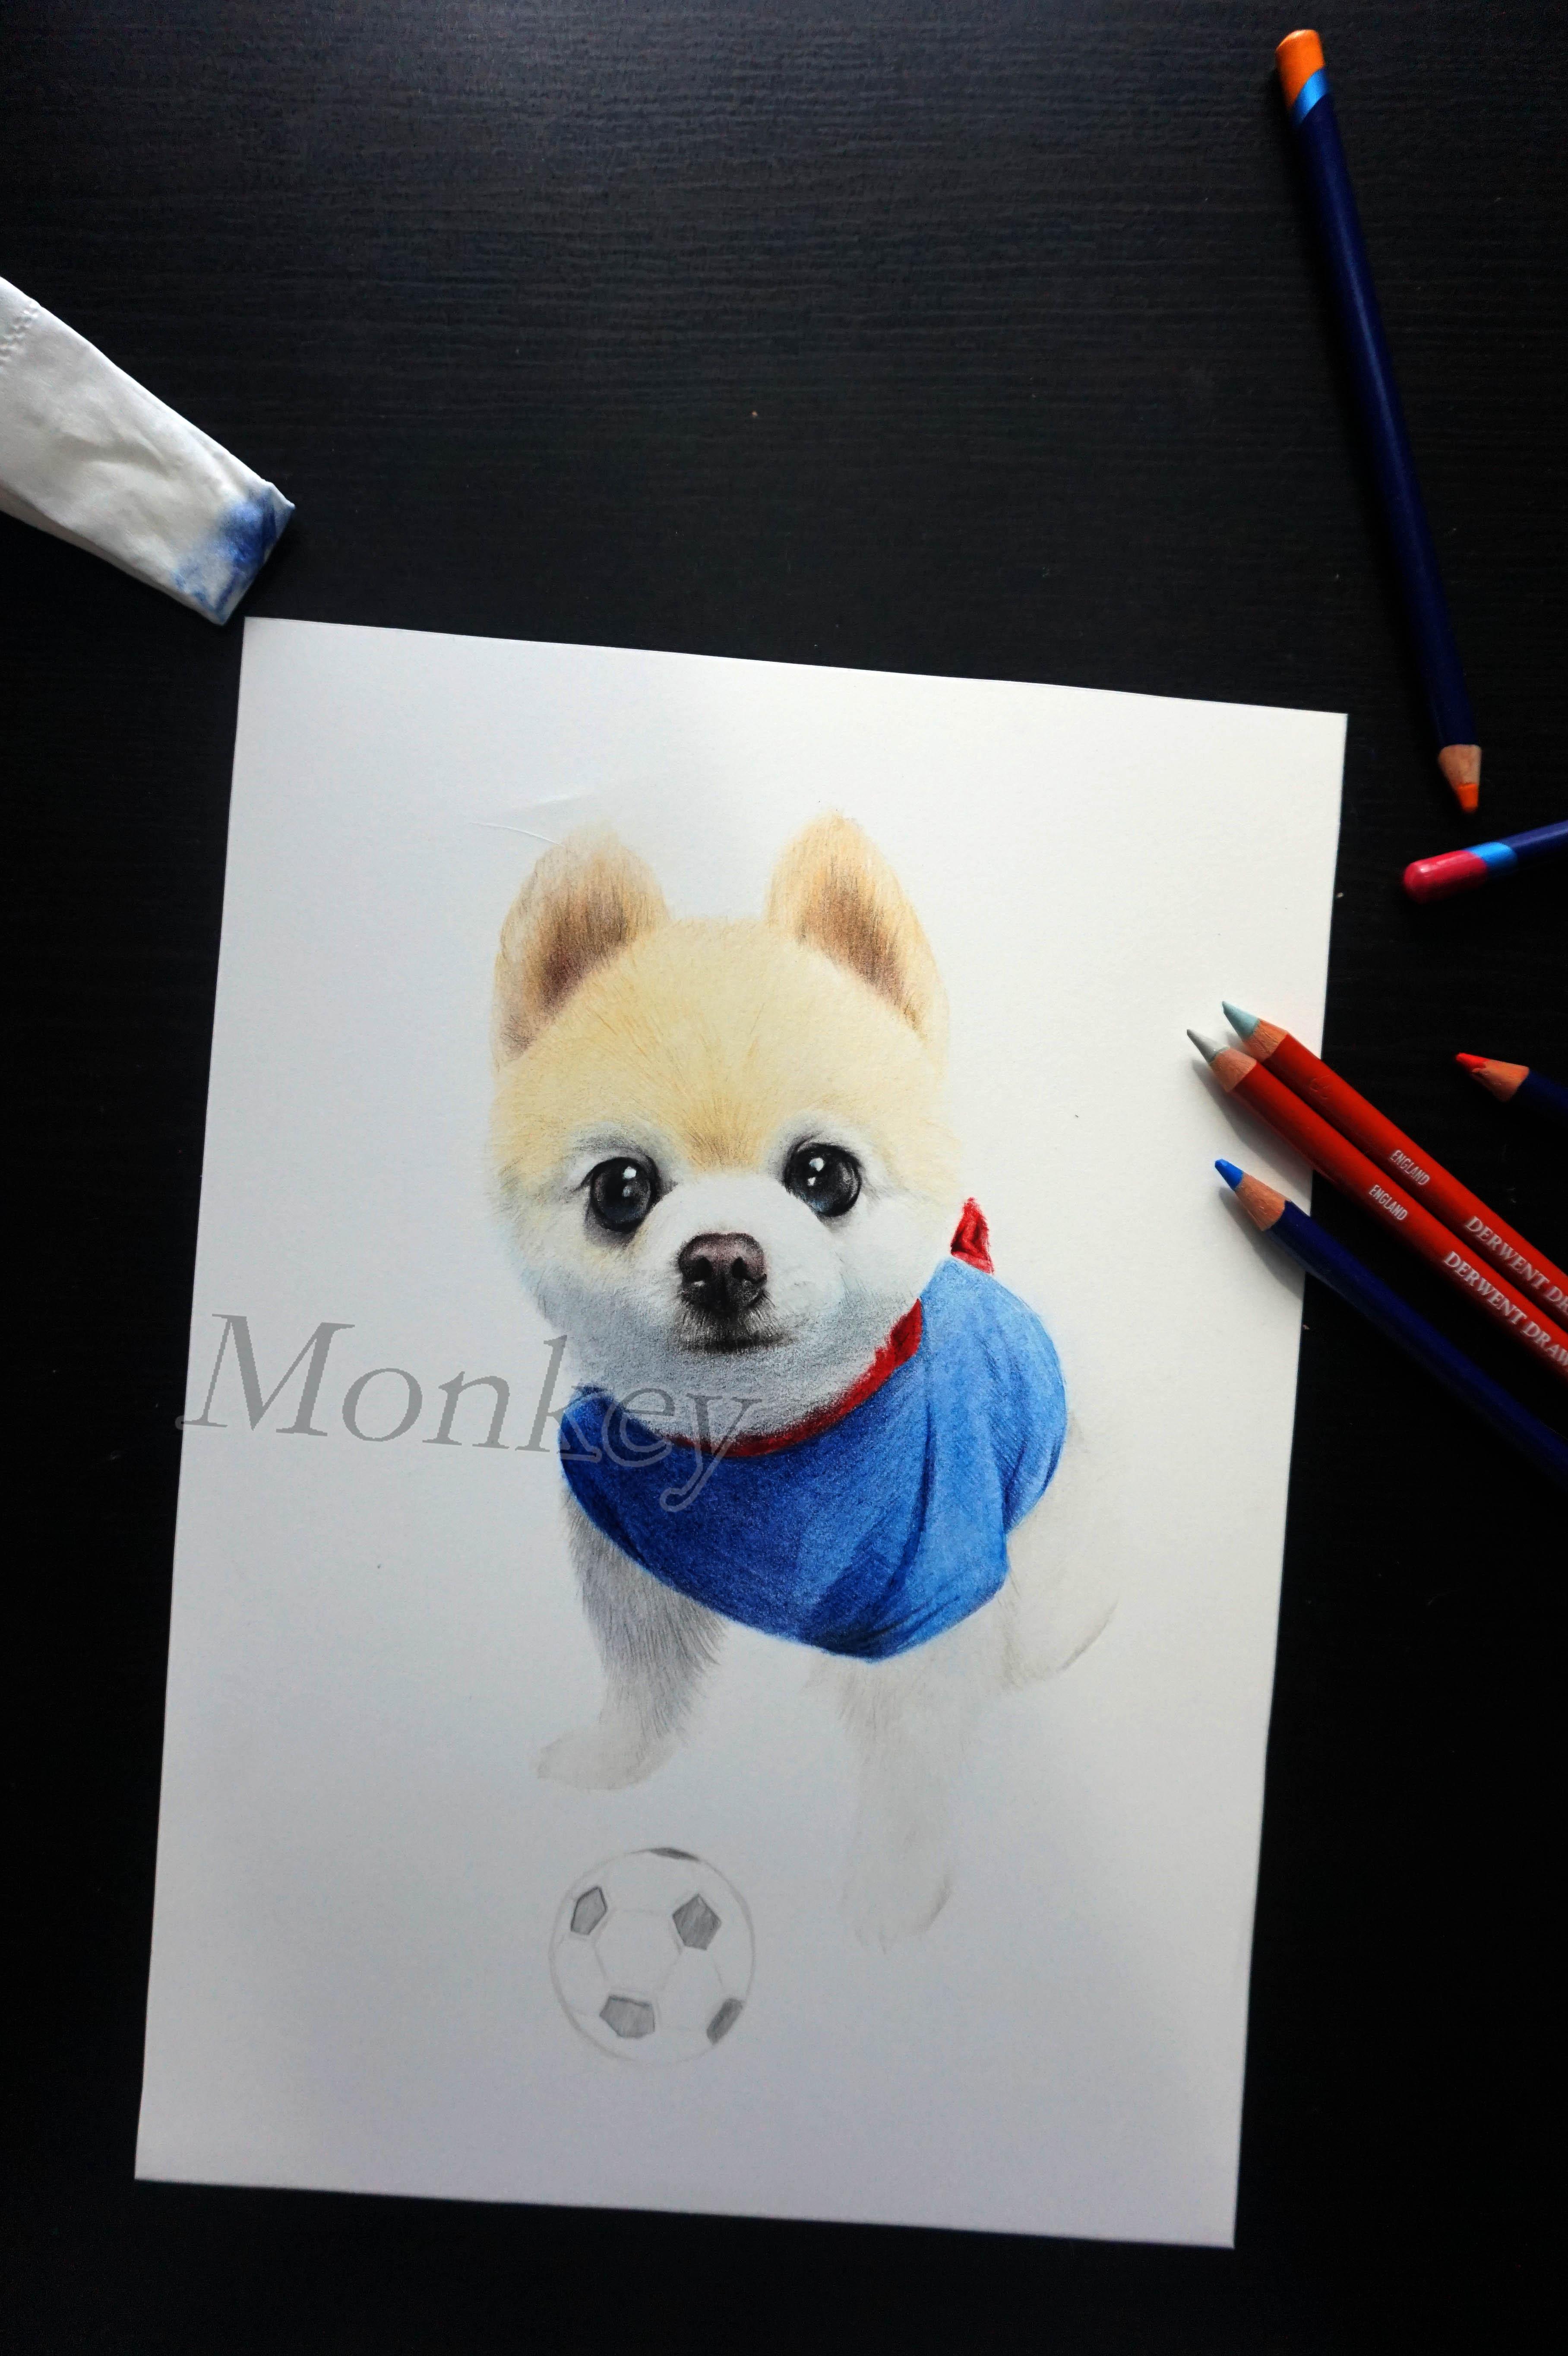 俊介犬彩铅手绘